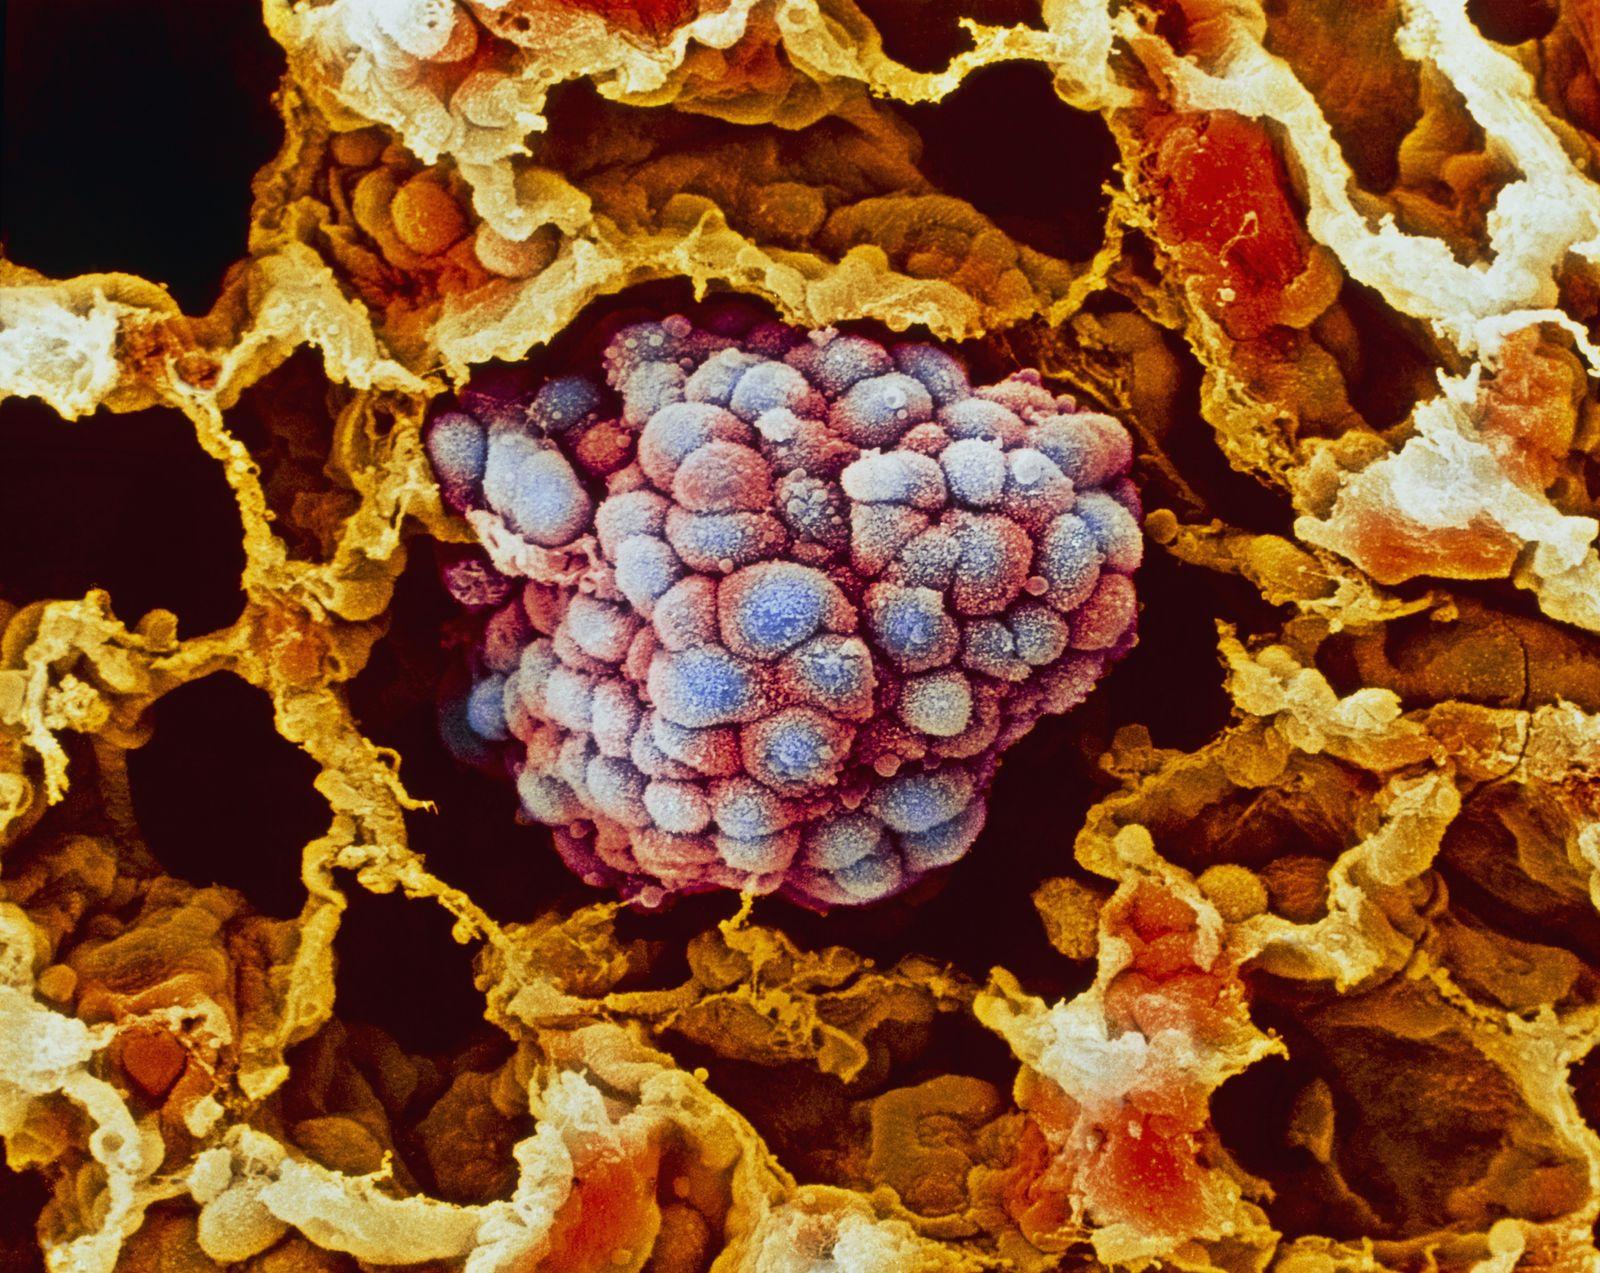 NICHT MEHR VERWENDEN! - Lungenkrebs / Tumor